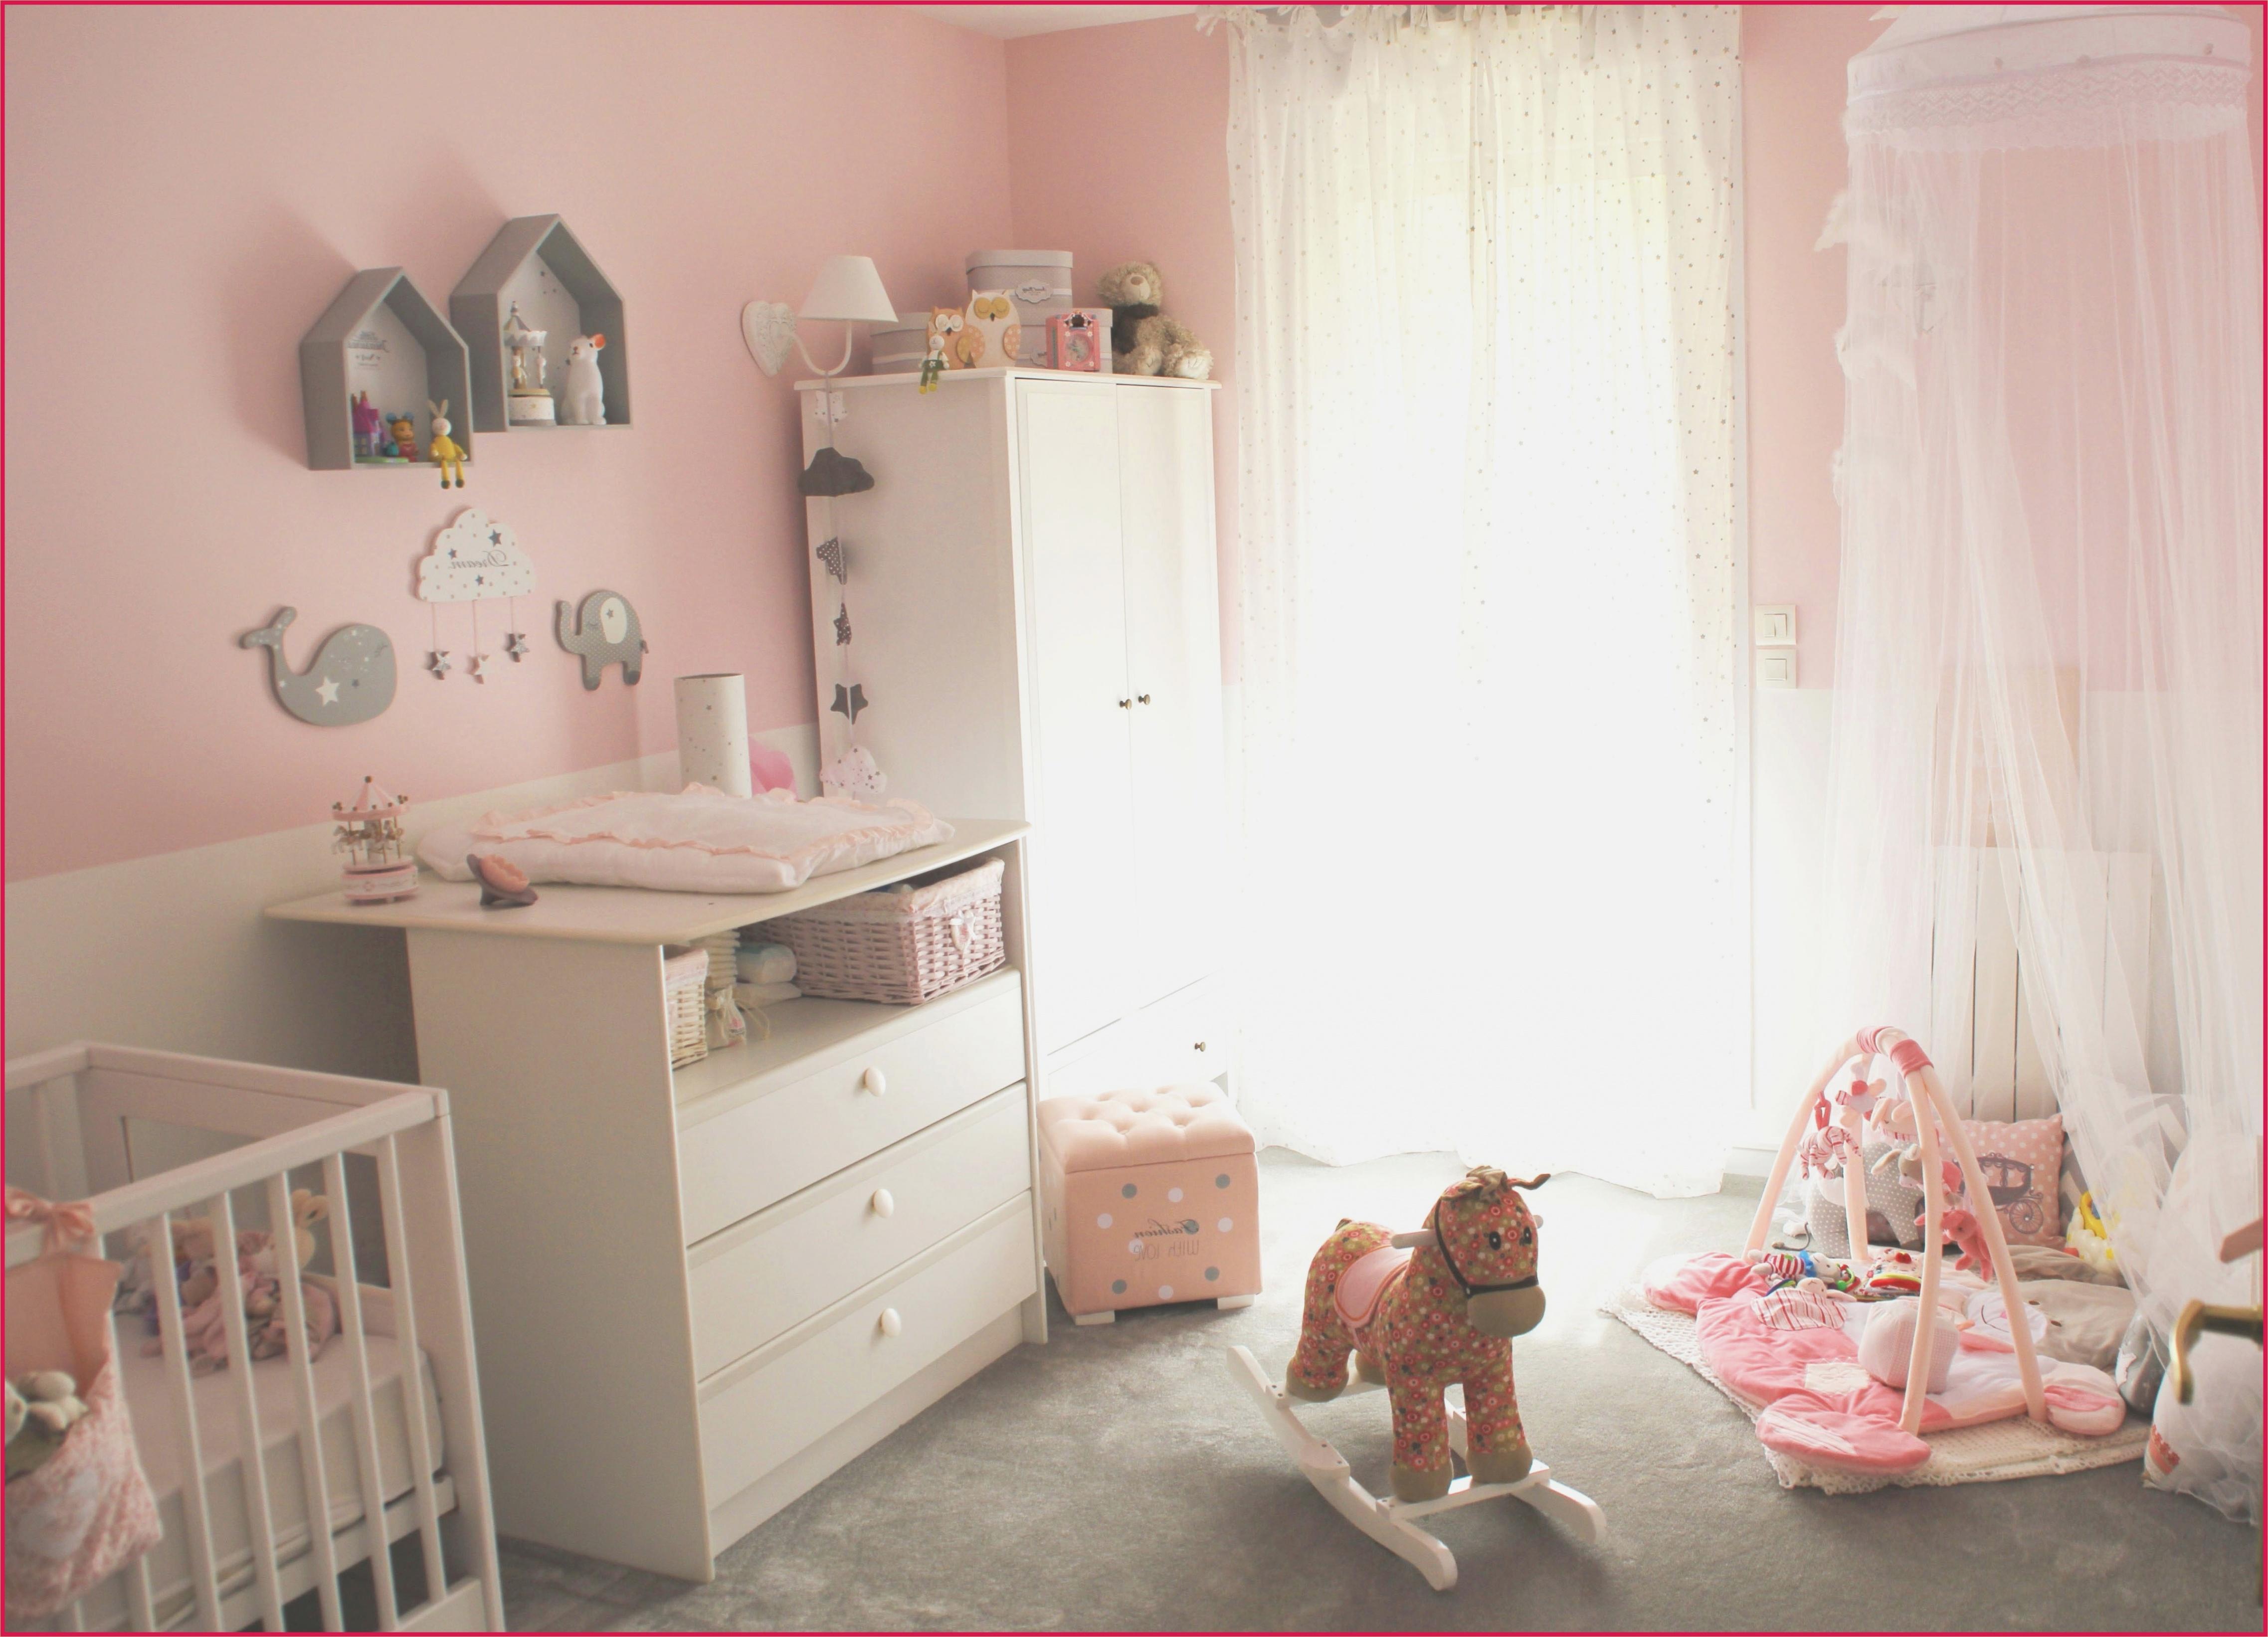 Décoration chambre bébé : comment décorer la chambre bébé ?